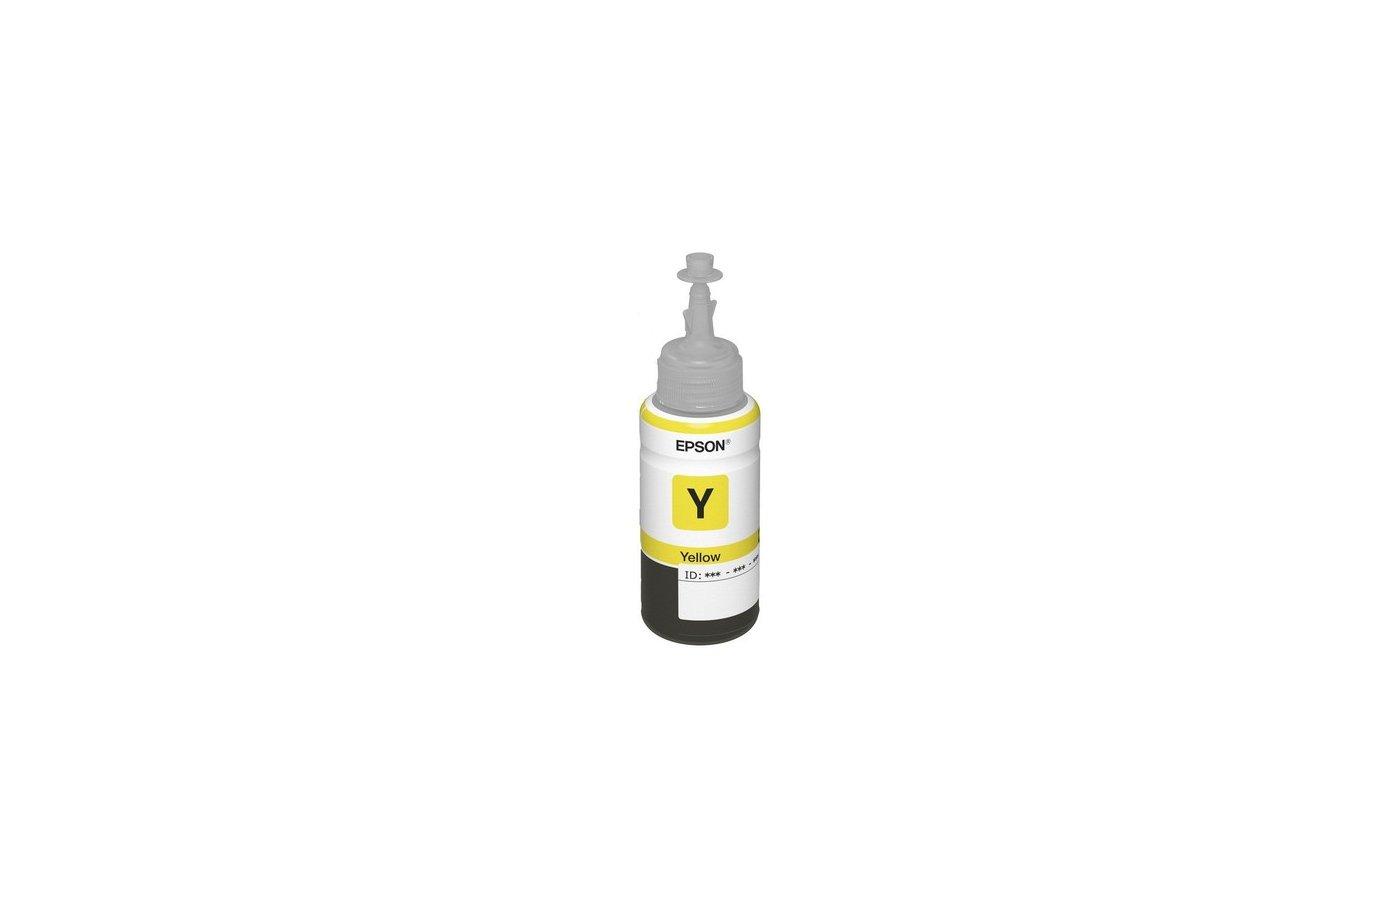 Картридж струйный Epson C13T66444A желтые чернила для L100/110